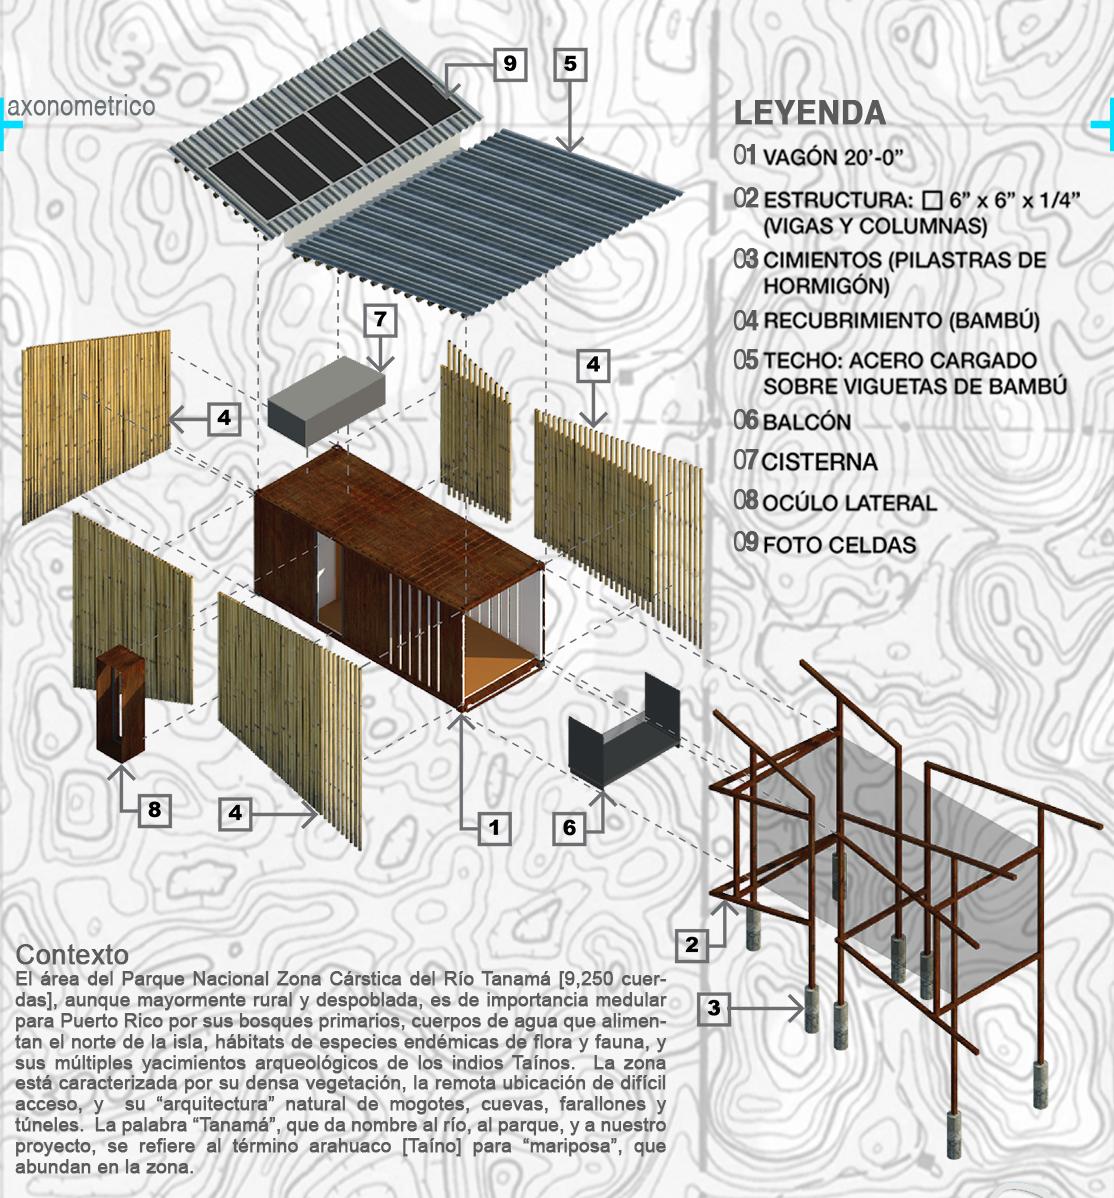 Cabañas / Diagrama